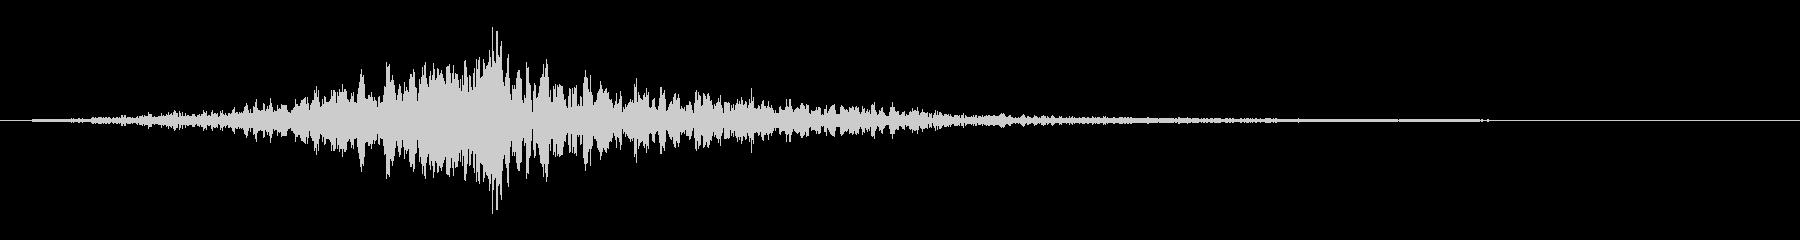 迫力あるイントロ系ピアノジングルの未再生の波形